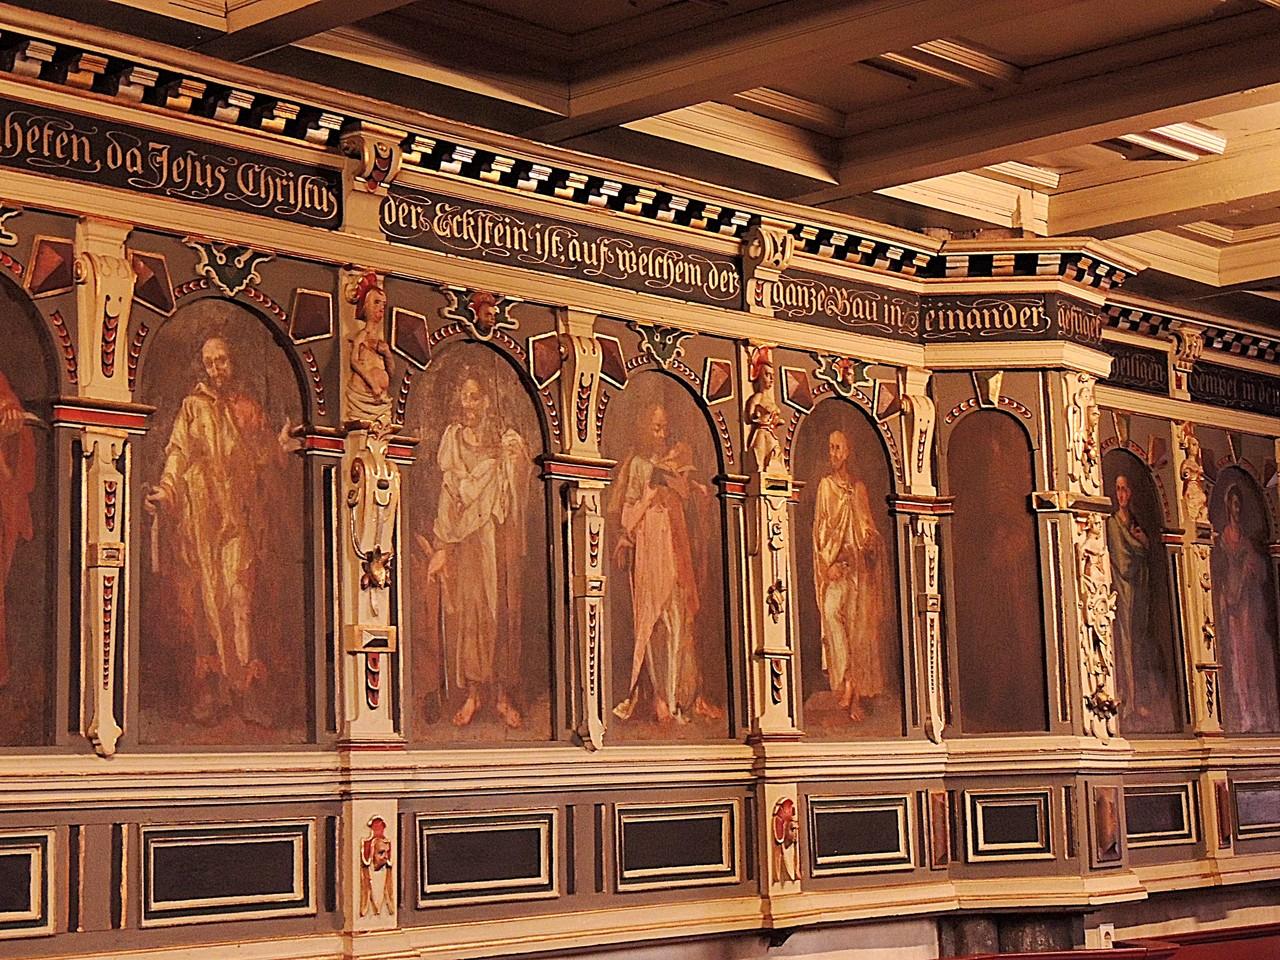 Der Innenraum besitzt eine beeindruckende Ausmalung und Ausstattung der Spätrenaissance des 16./17. Jahrhunderts